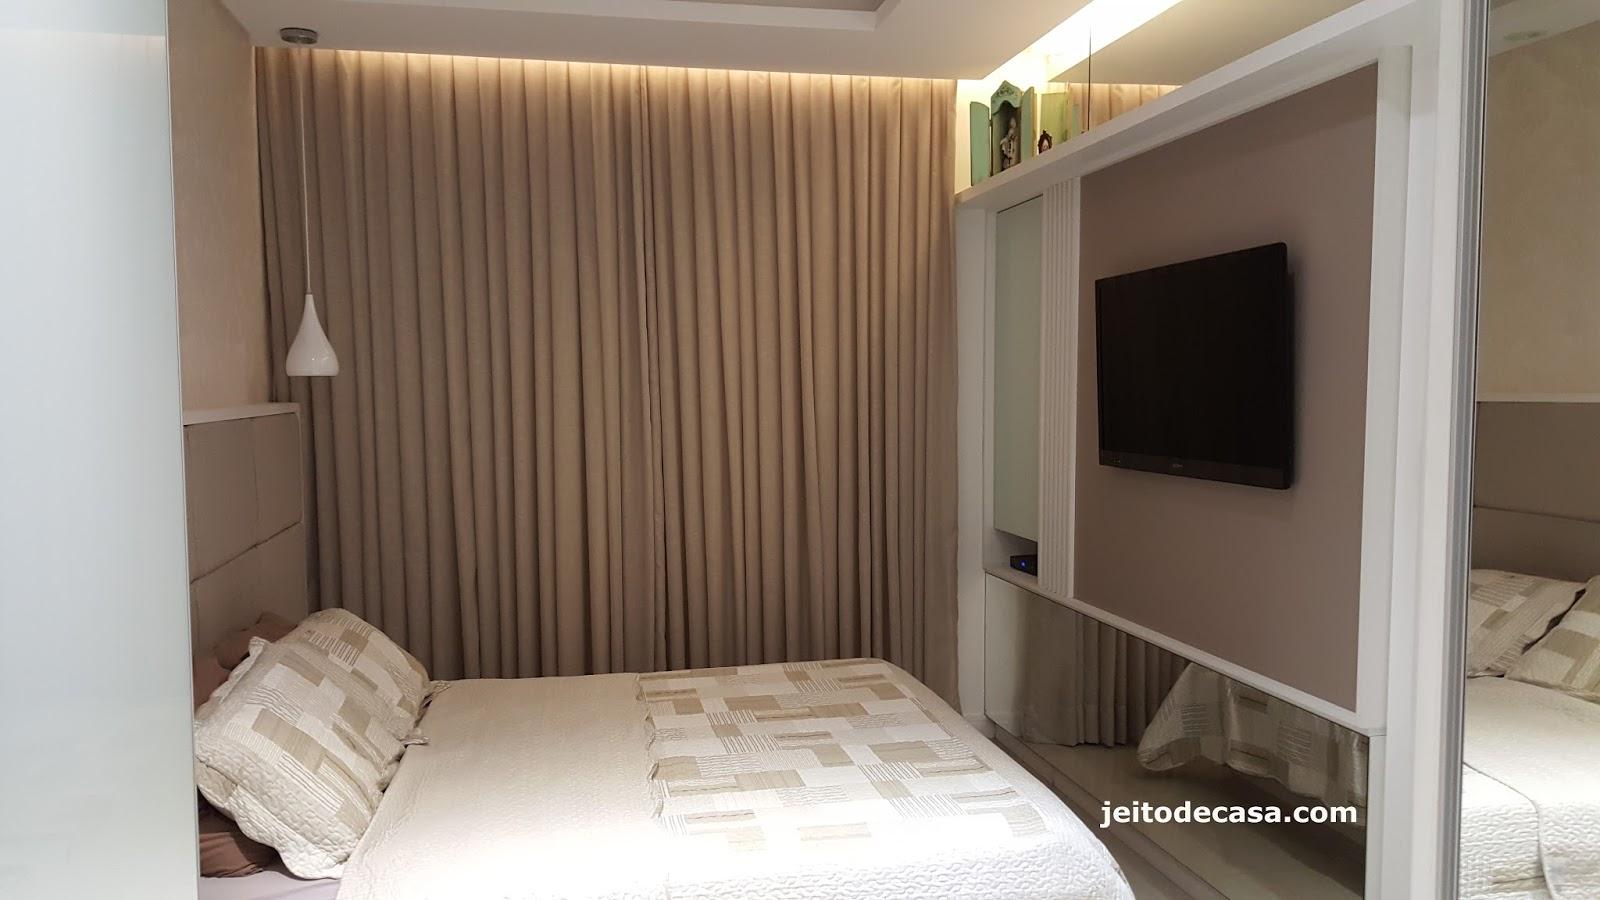 Decoraç u00e3o quarto de casal contempor u00e2neo, neutro e elegante! Jeito de Casa Blog de Decoraç u00e3o